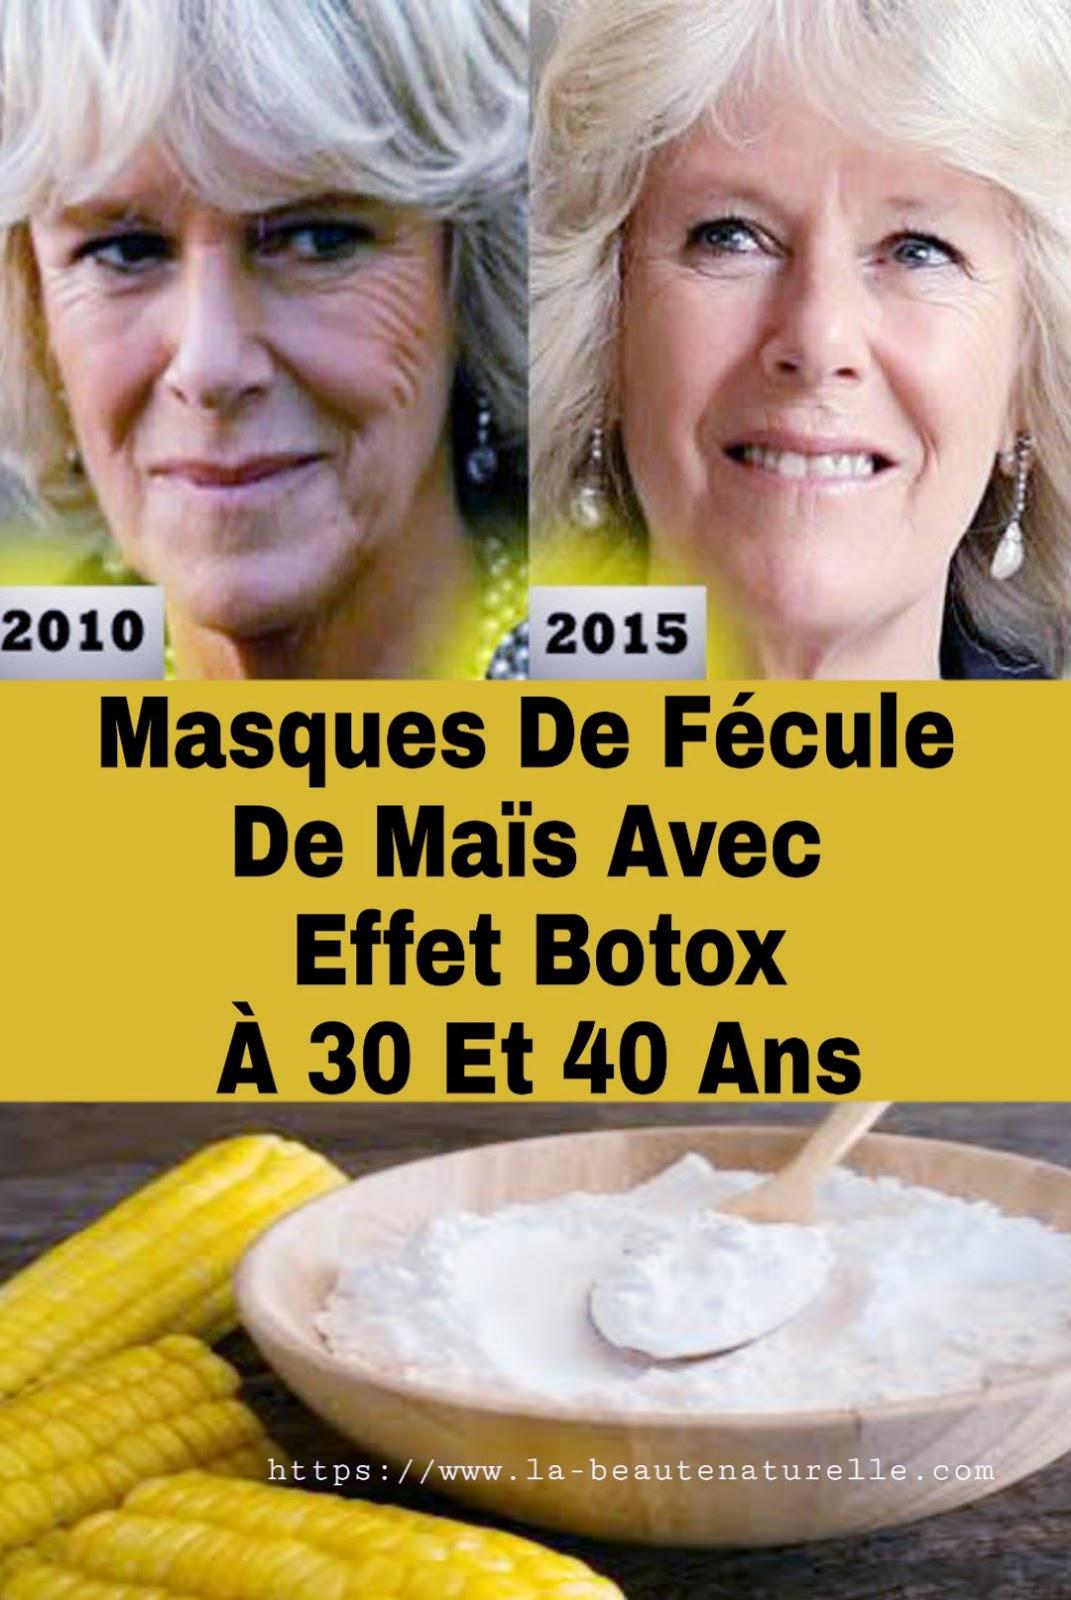 Masques De Fécule De Maïs Avec Effet Botox À 30 Et 40 Ans